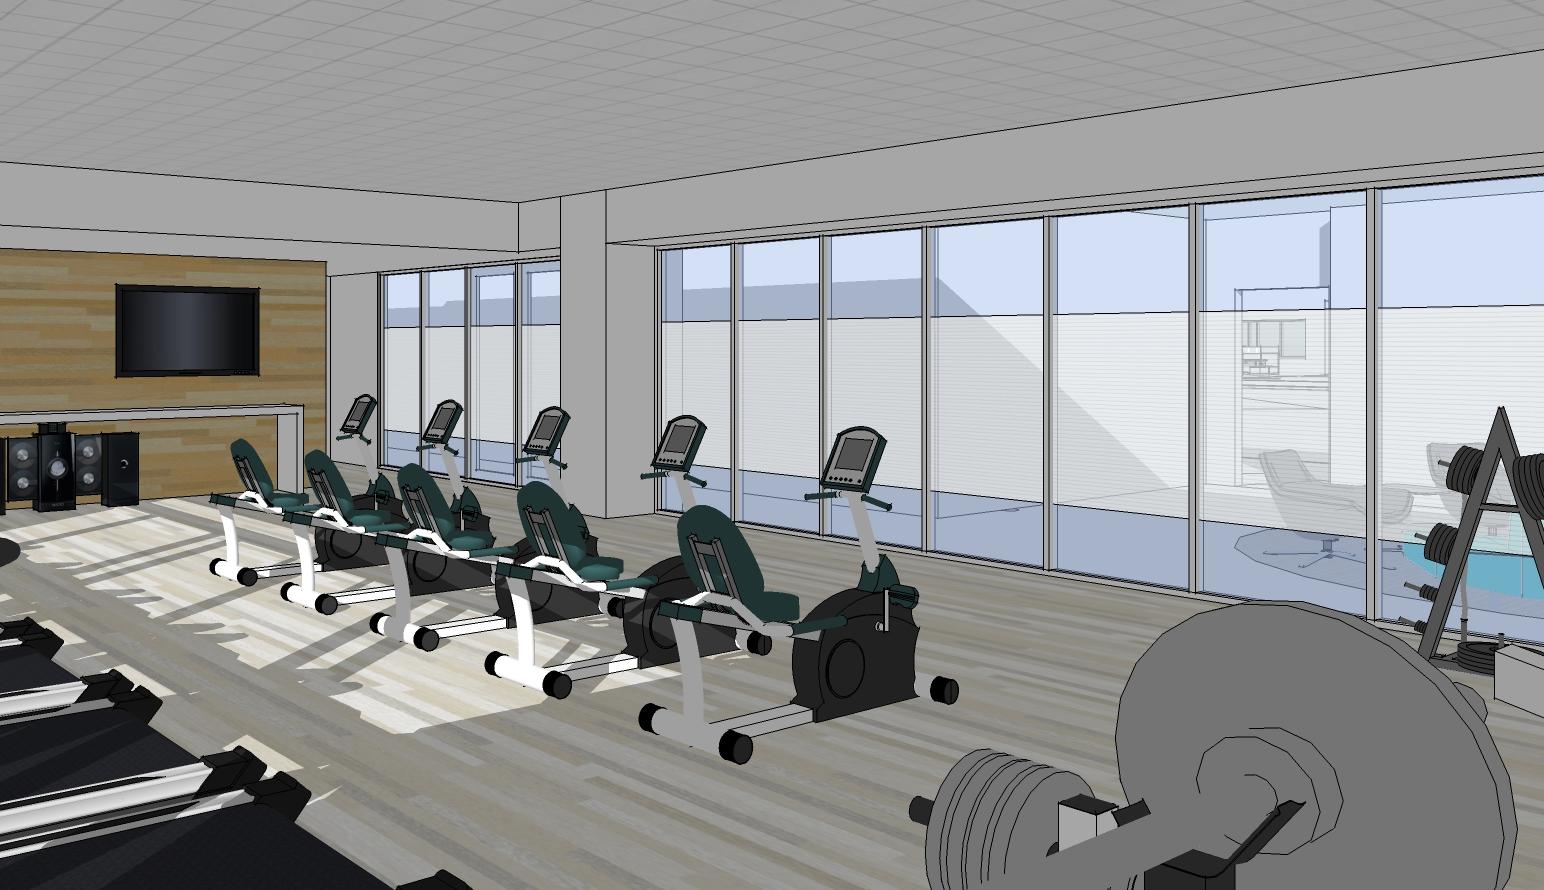 DSM Office_Gym View 2.jpg